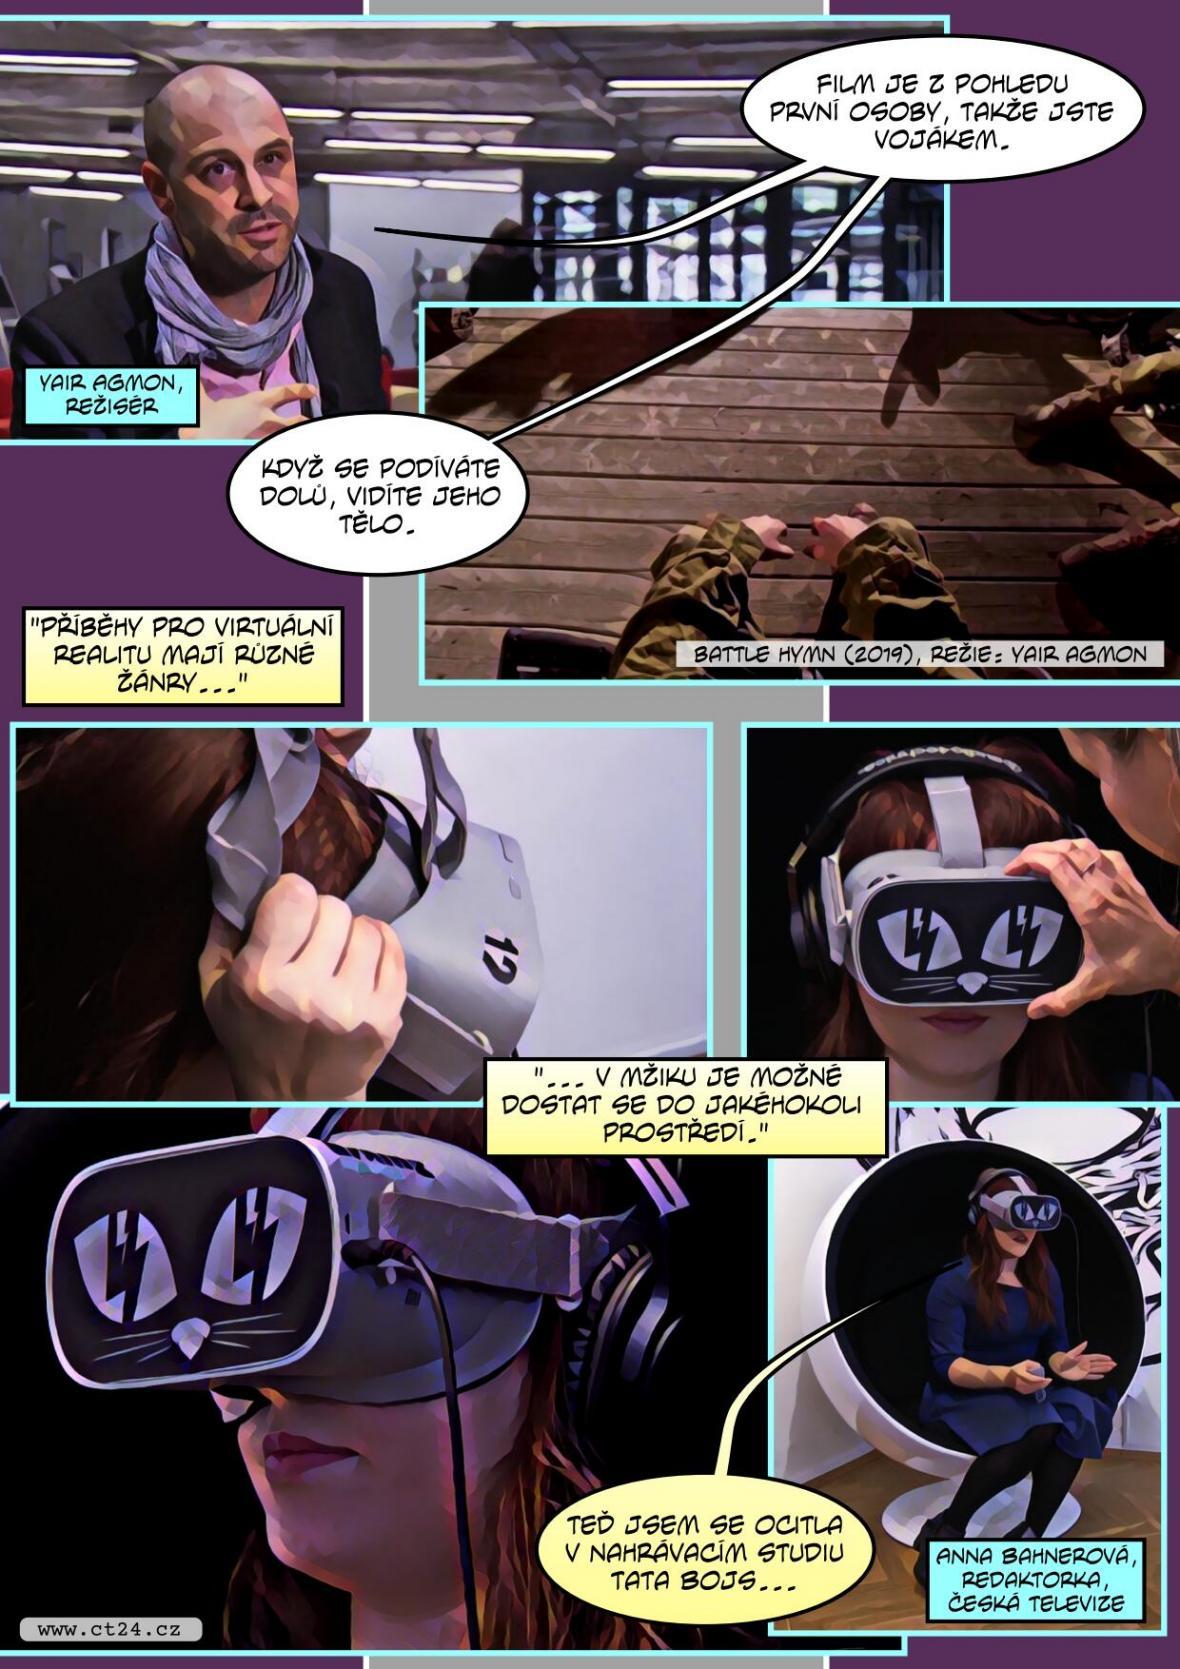 Moderní technologie ve filmu. Diváci se díky virtuální realitě stávají součástí příběhu